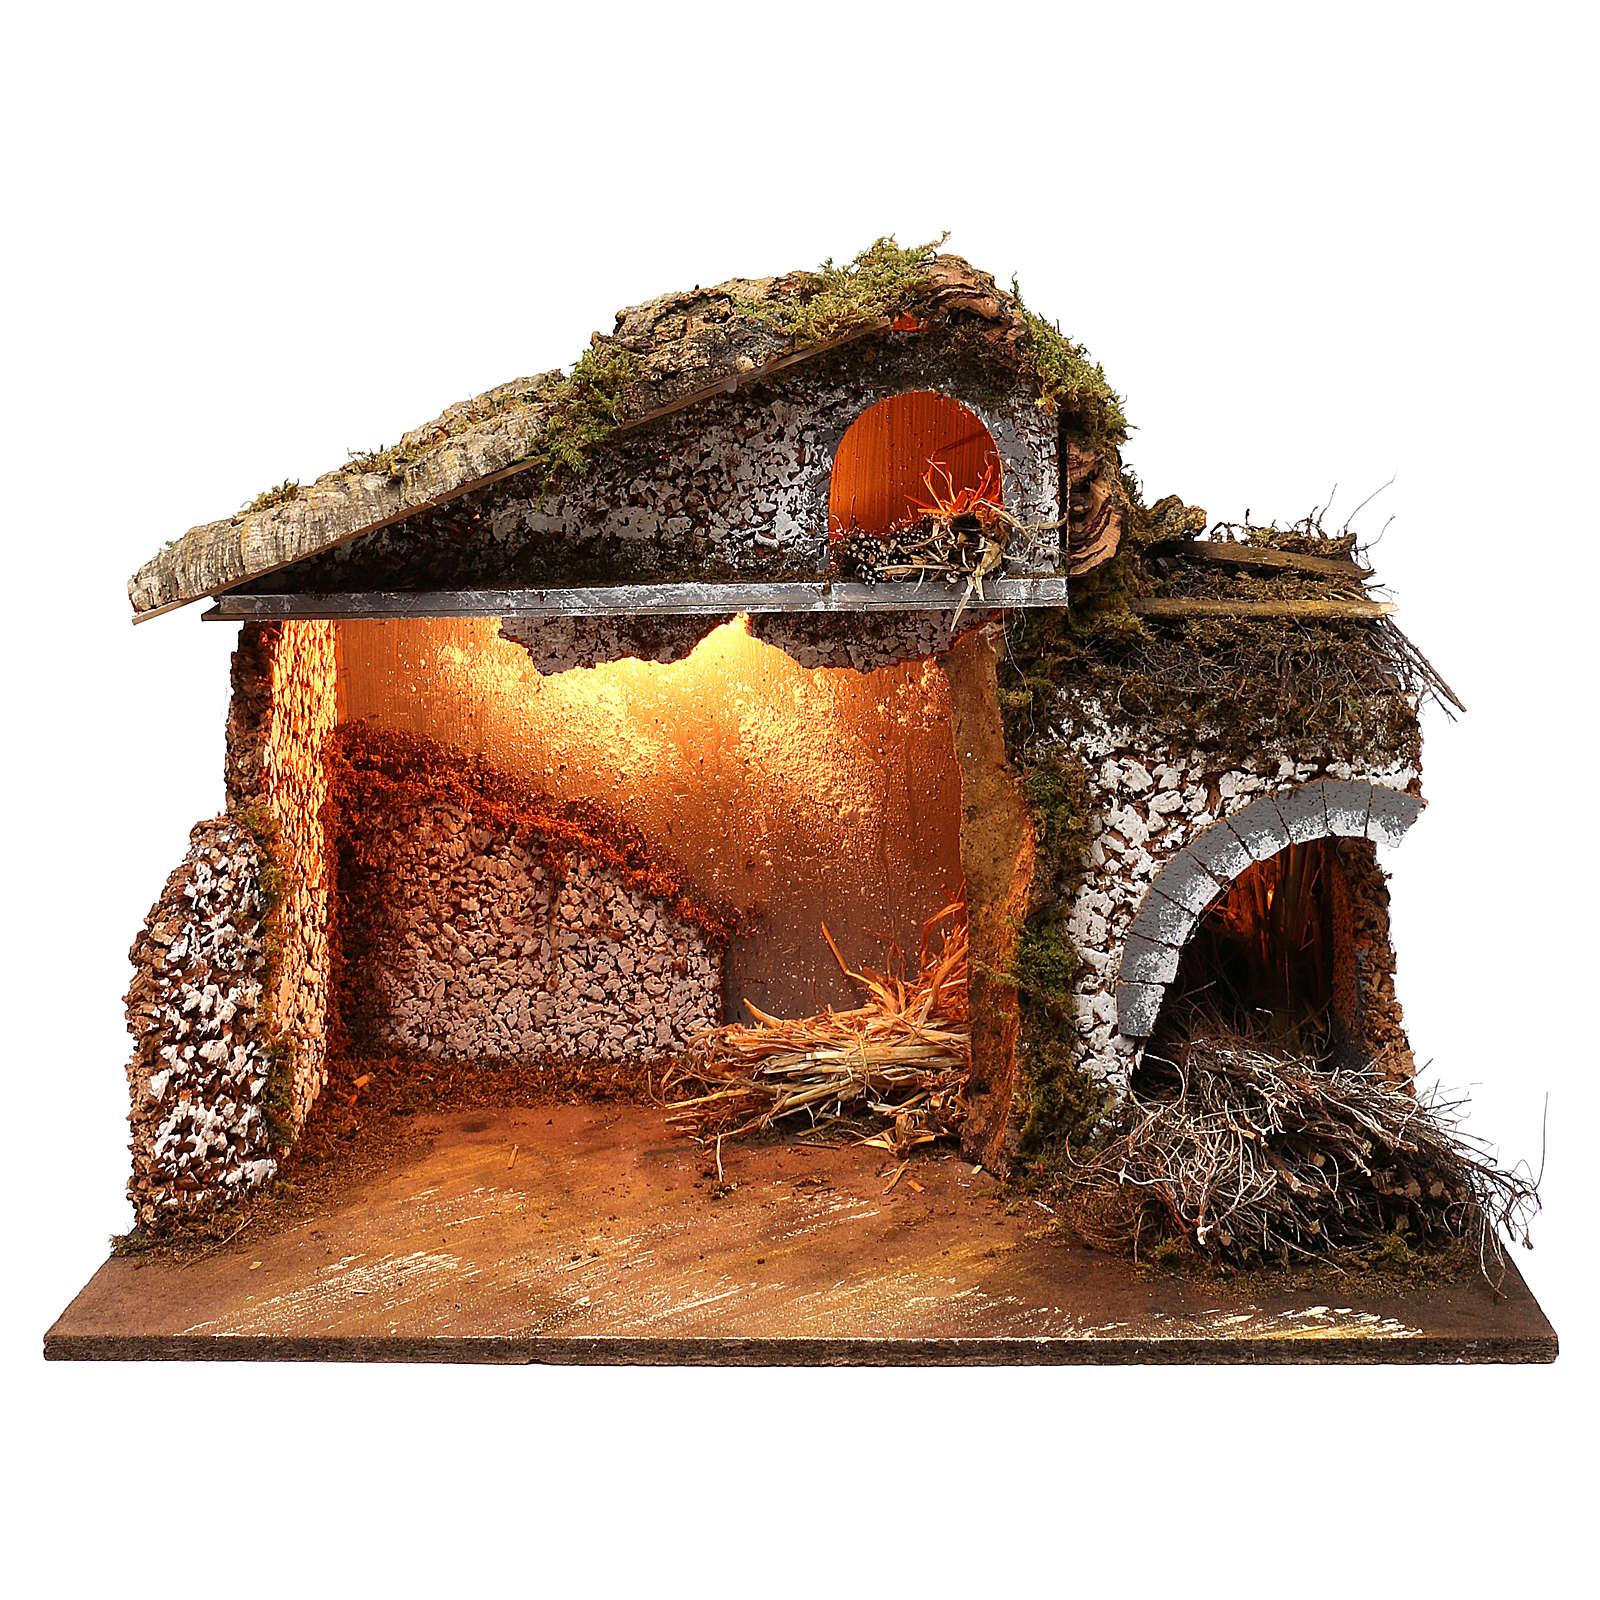 Stalla fienile luci tetto con muschio 35x60x40 cm per presepe 16-17 cm 4